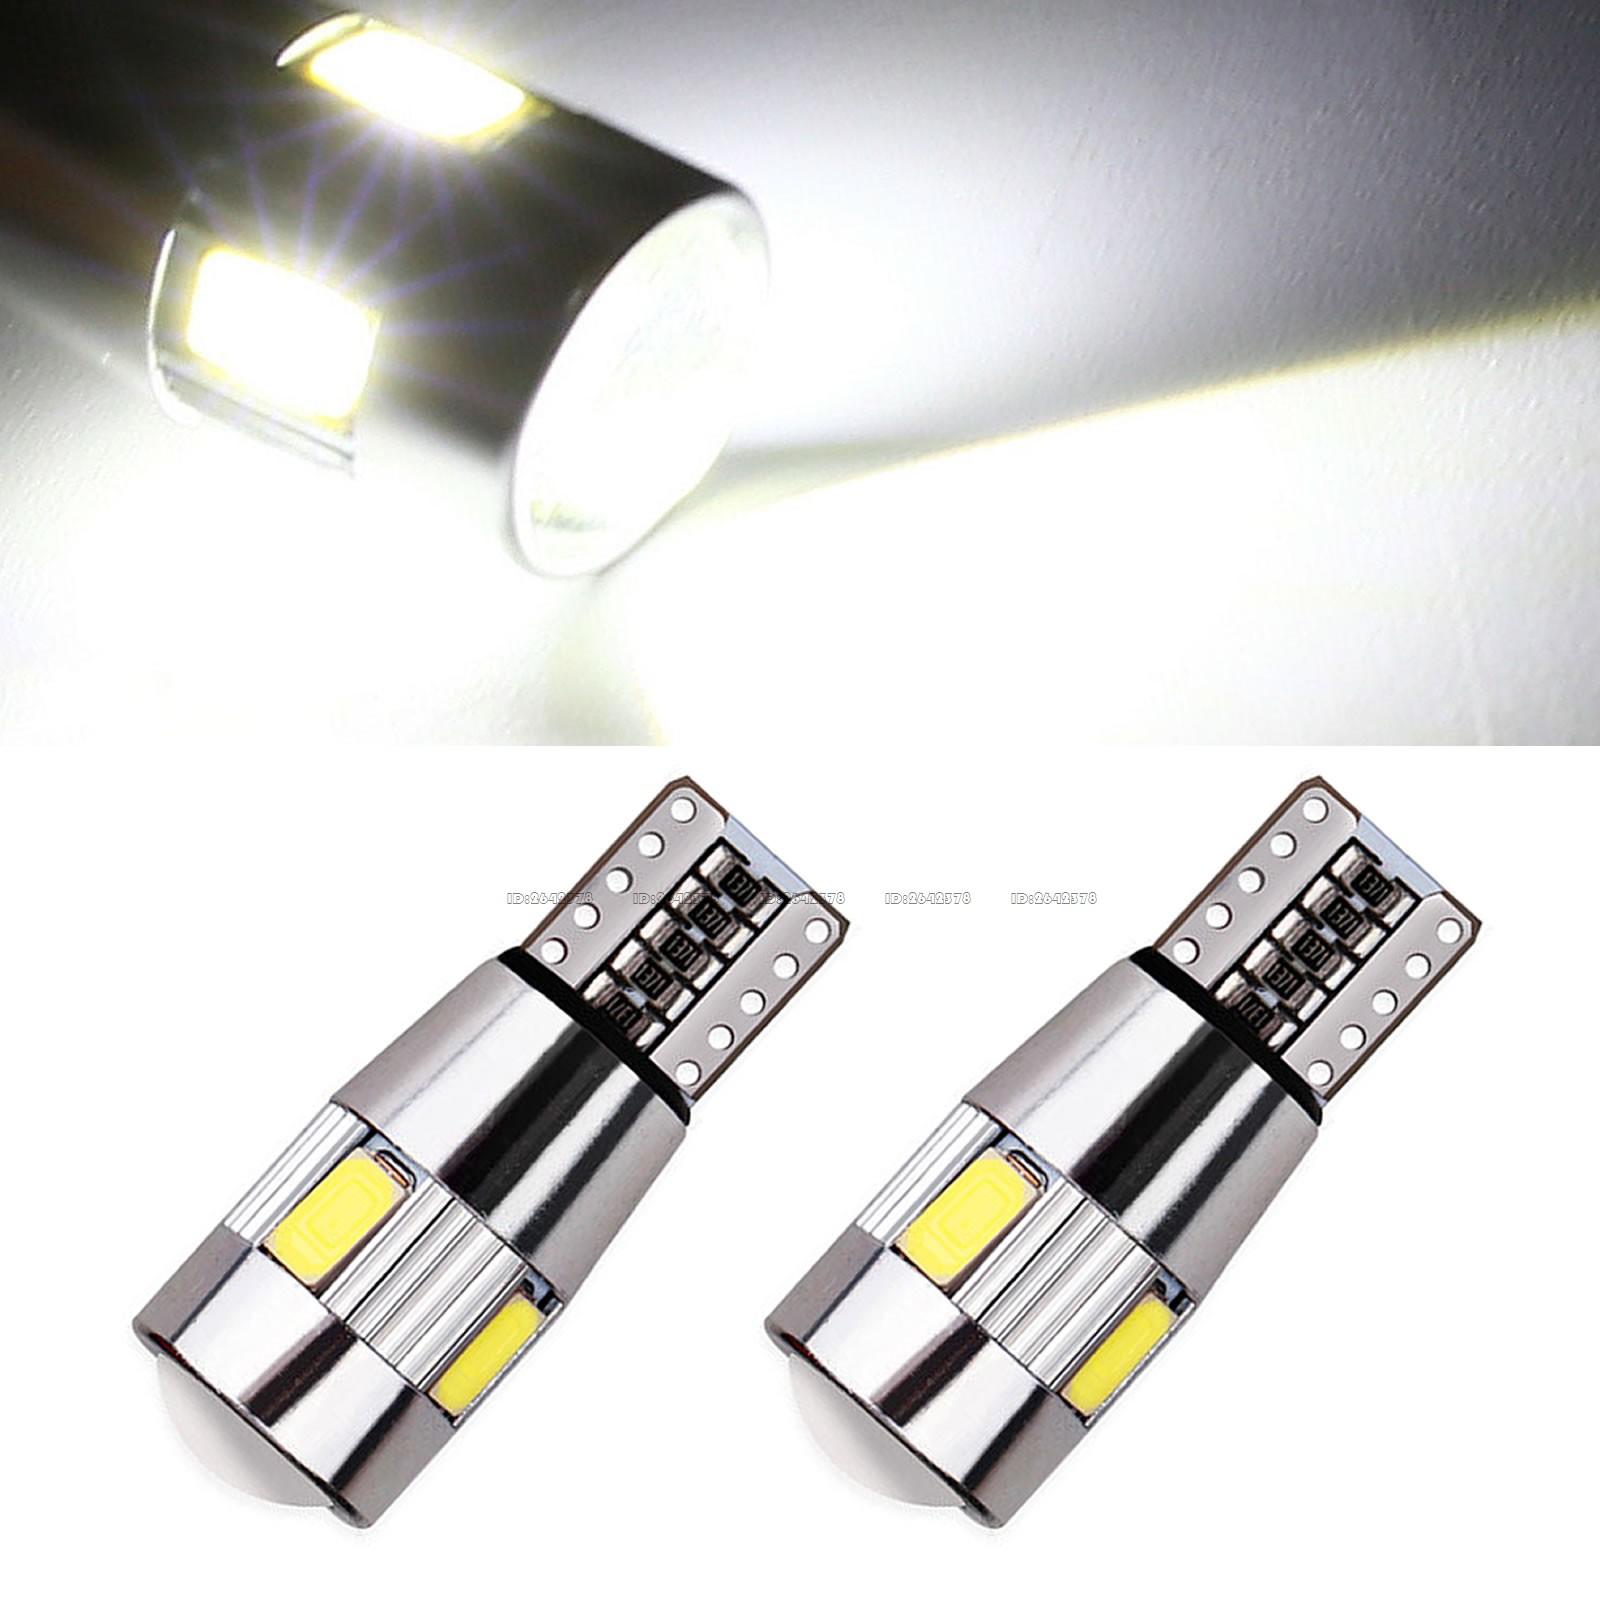 2x T10 168 194 W5W 6-LED 5630-SMD White Car Side Wedge Light Bulb 12V